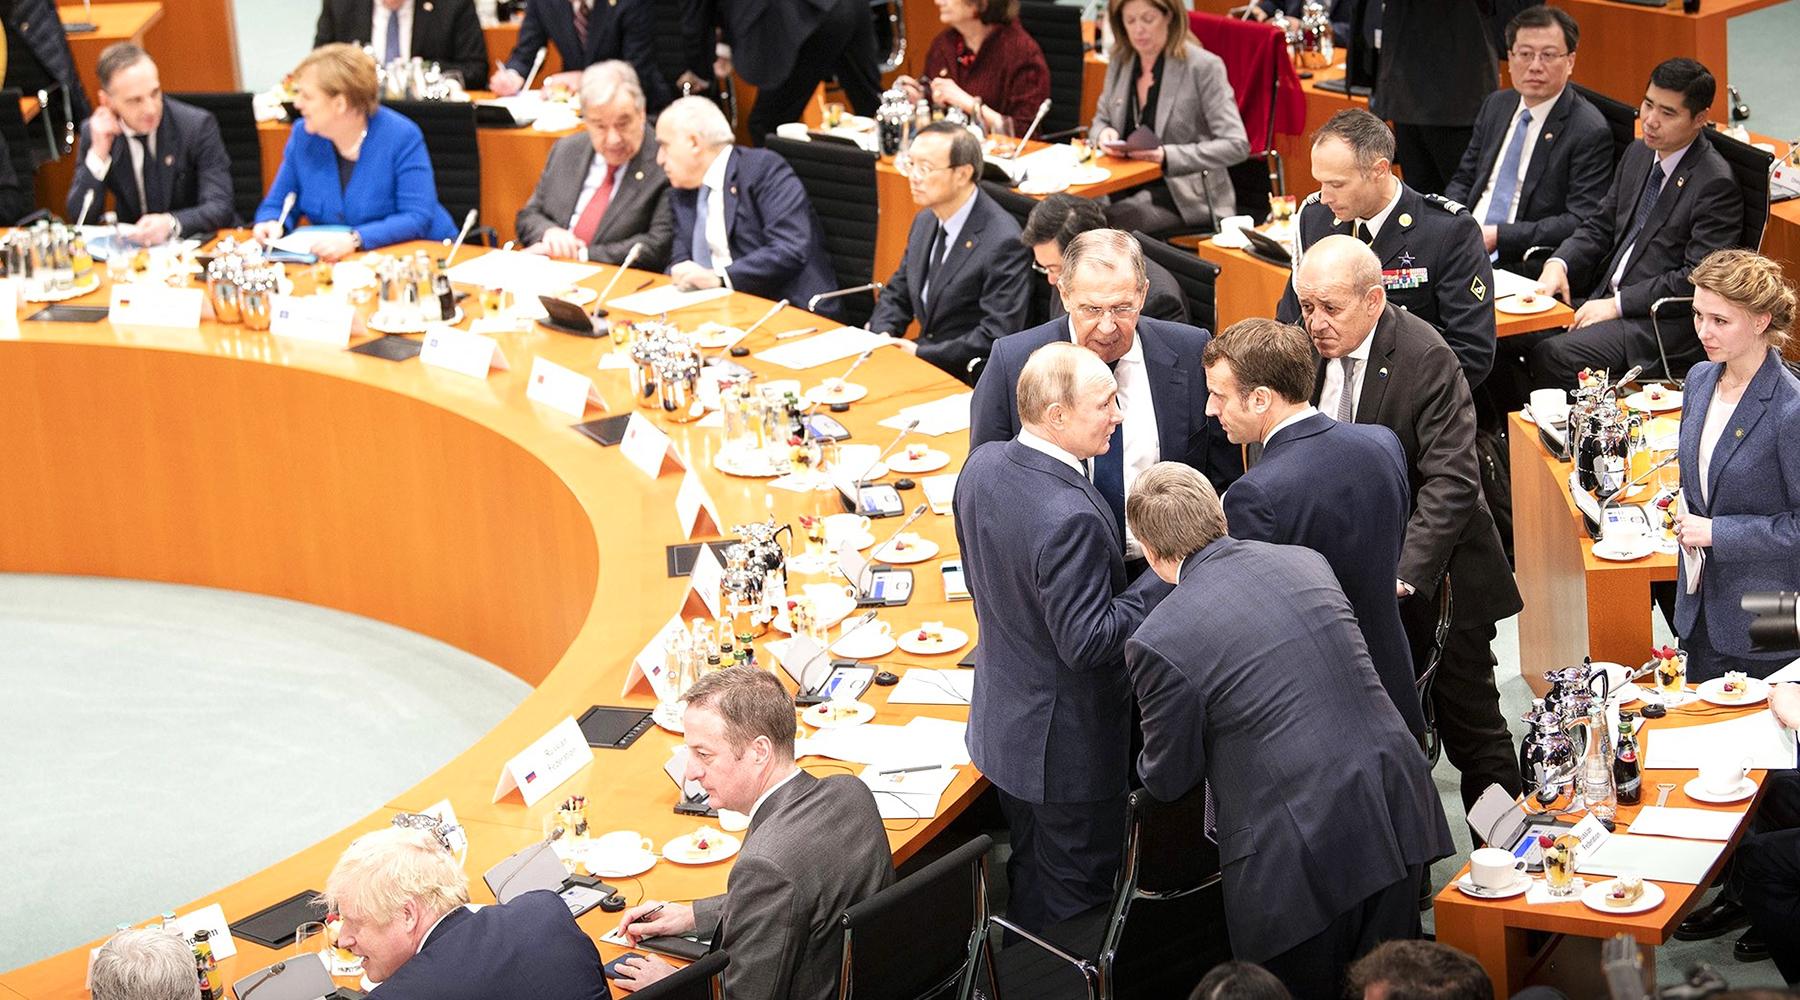 «Согласован достаточно подробный документ»: как прошла конференция по Ливии в Берлине